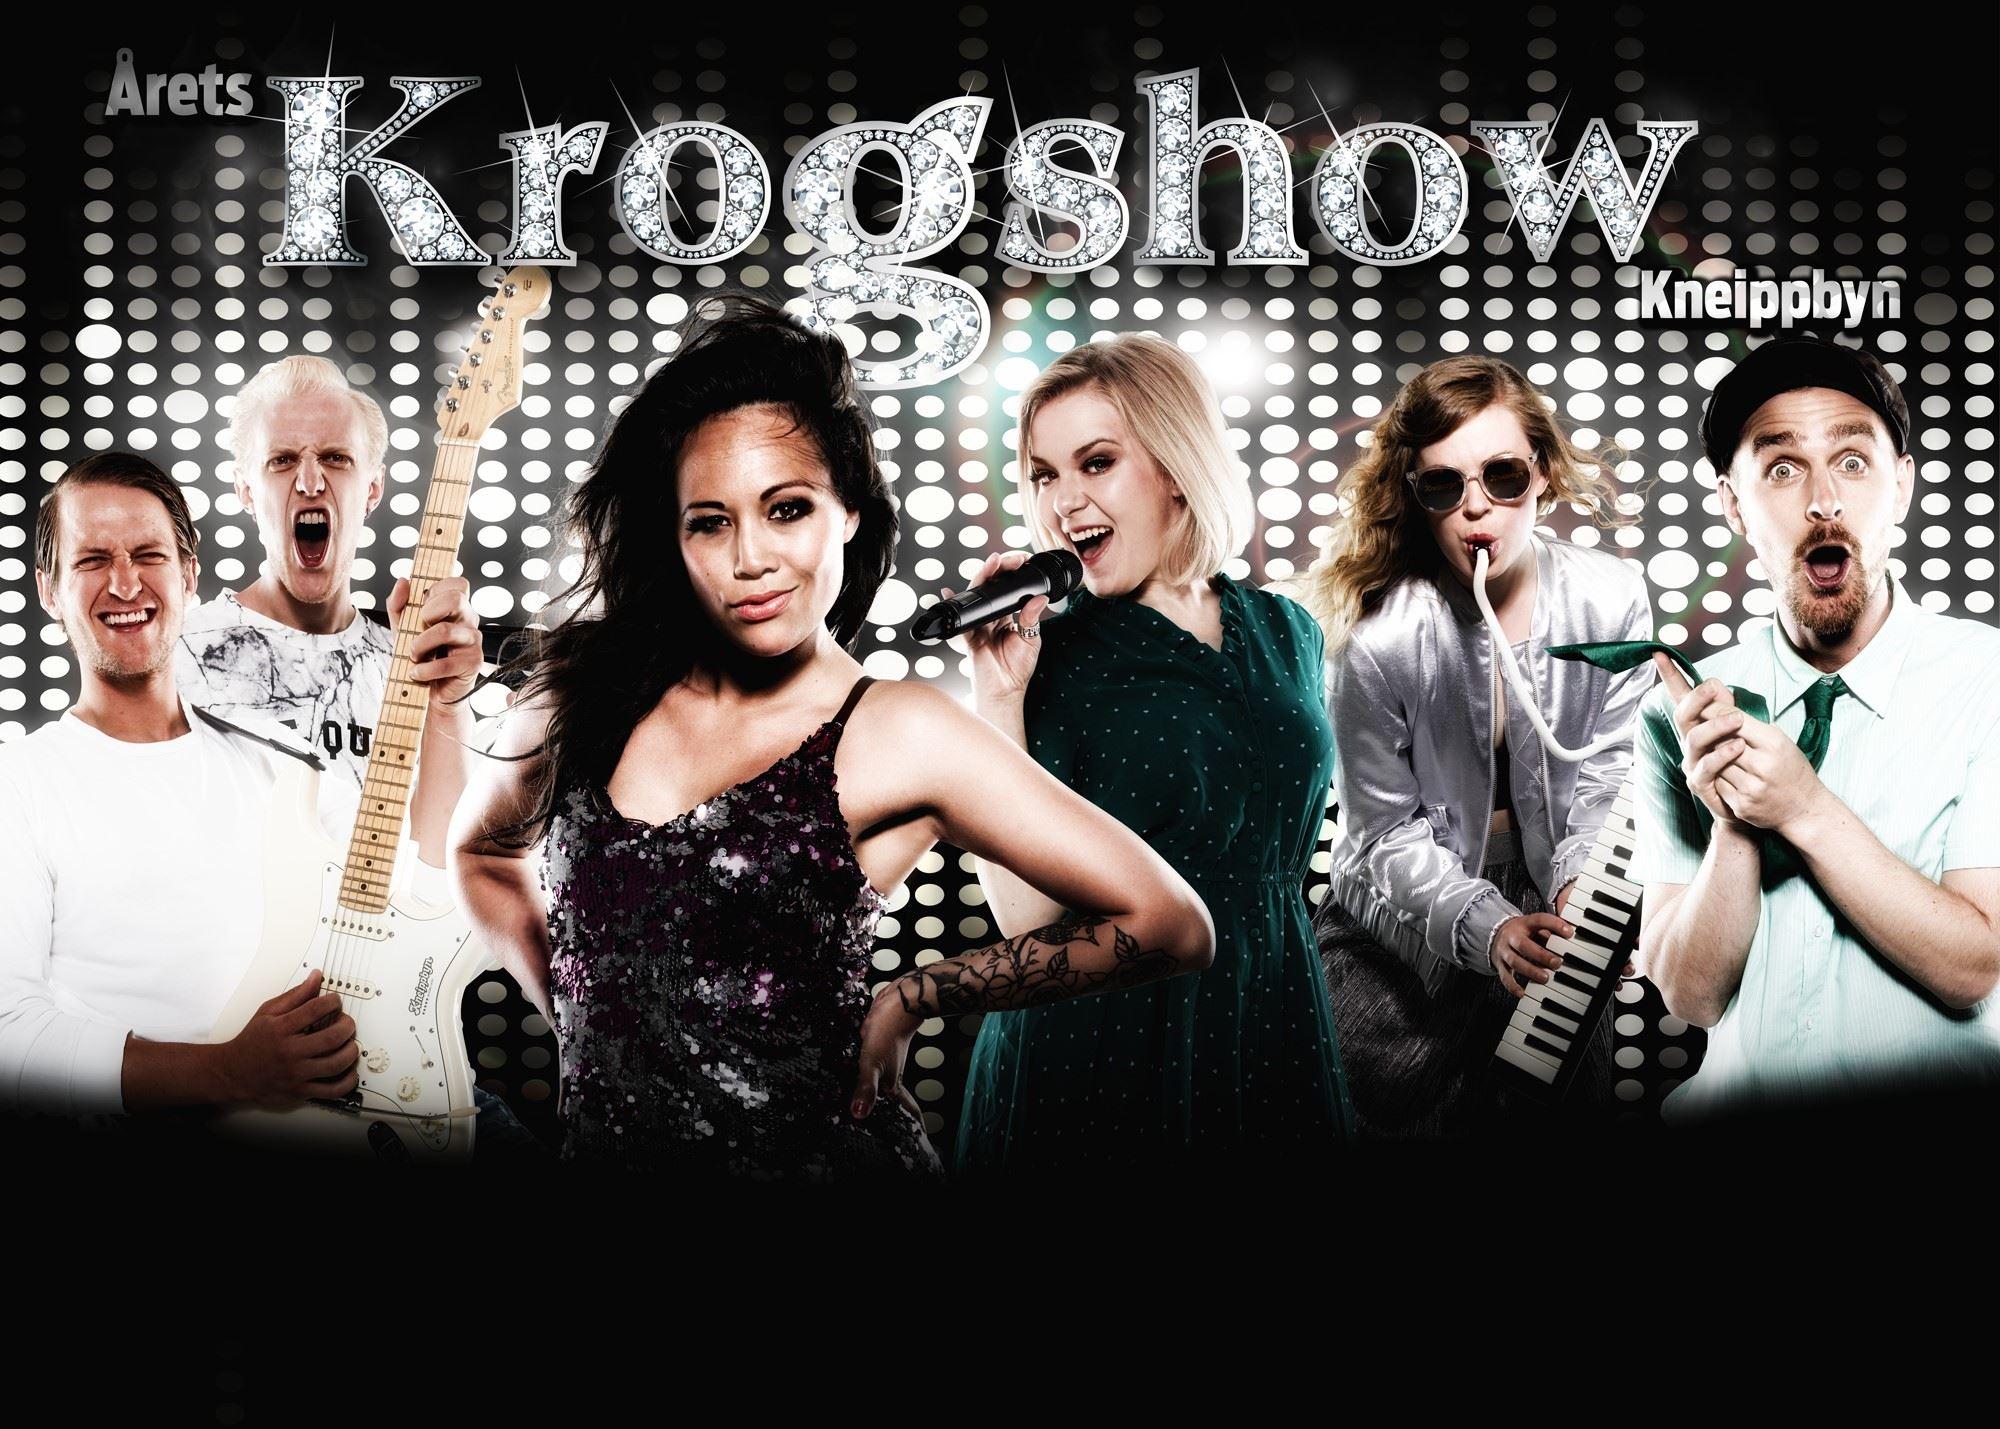 Krogshow på Kneippbyn (ONLINEPRIS) Just nu med biljettsläppsrabatt, läs mer här;